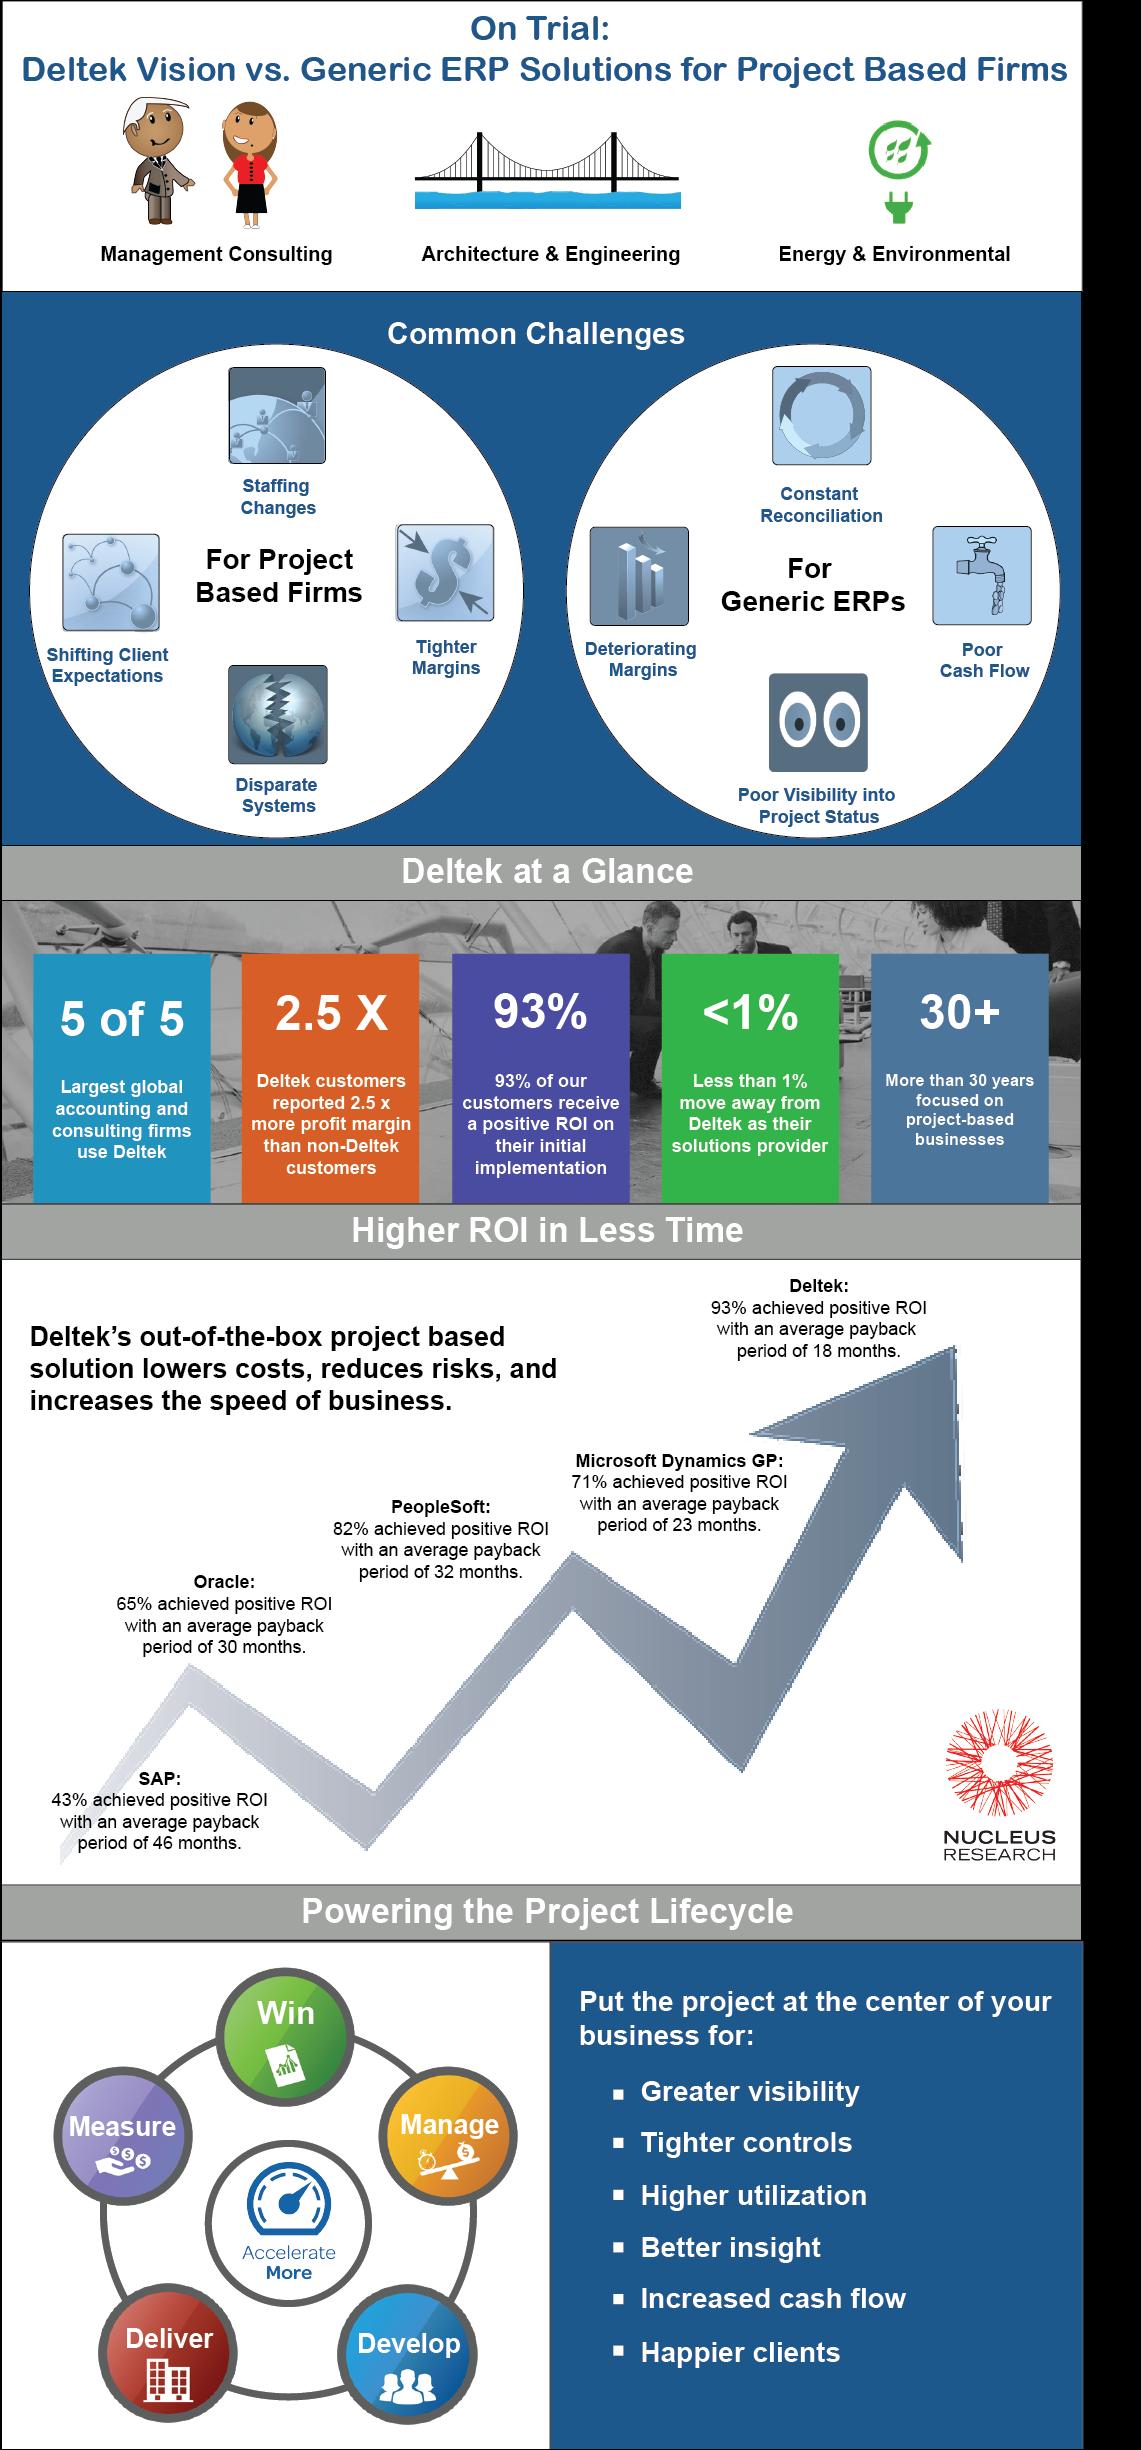 Deltek Vision, Professional Services